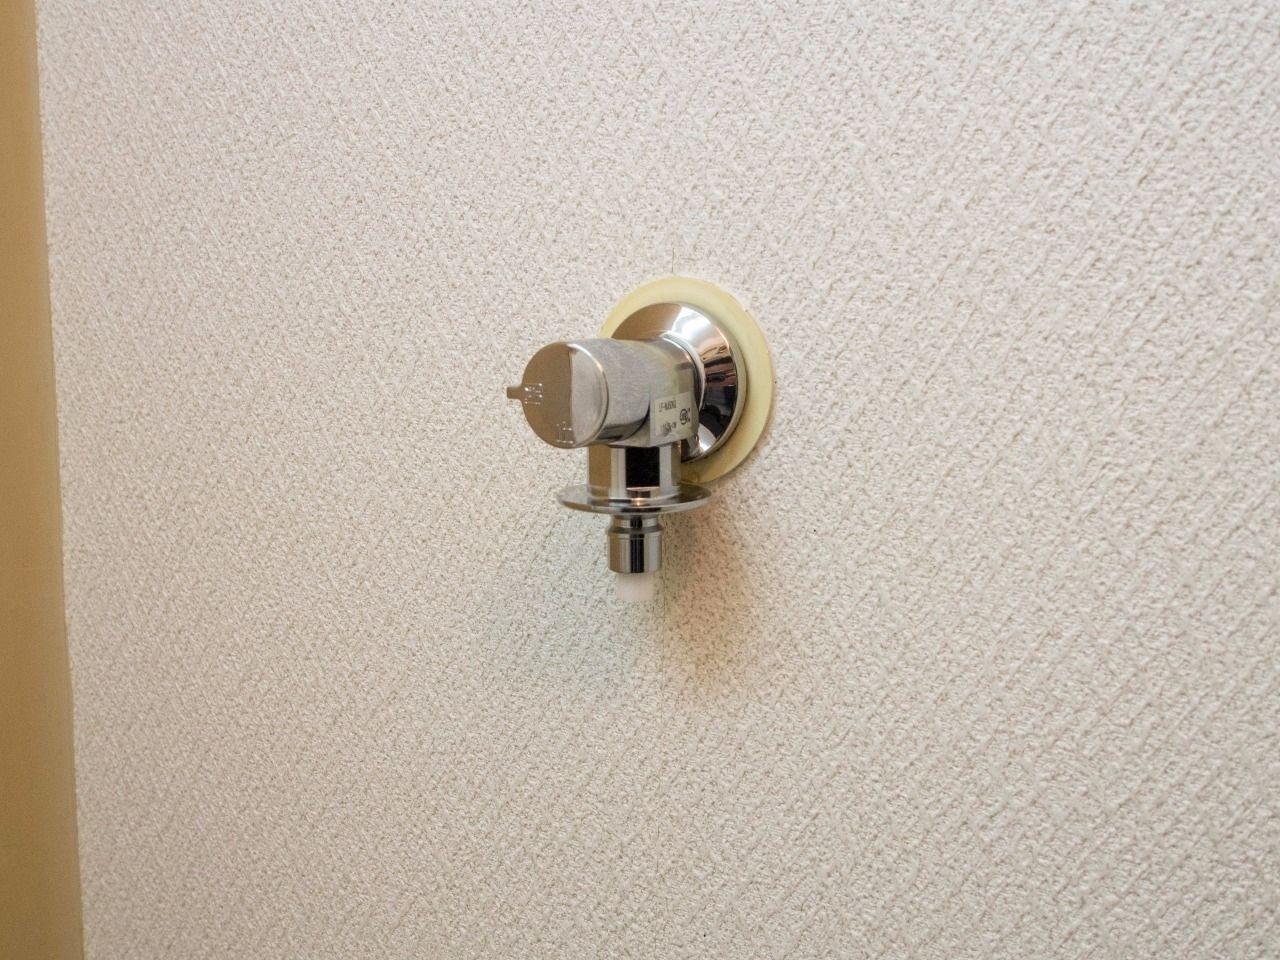 洗濯ホースの取付けが簡単な緊急止水弁付水栓